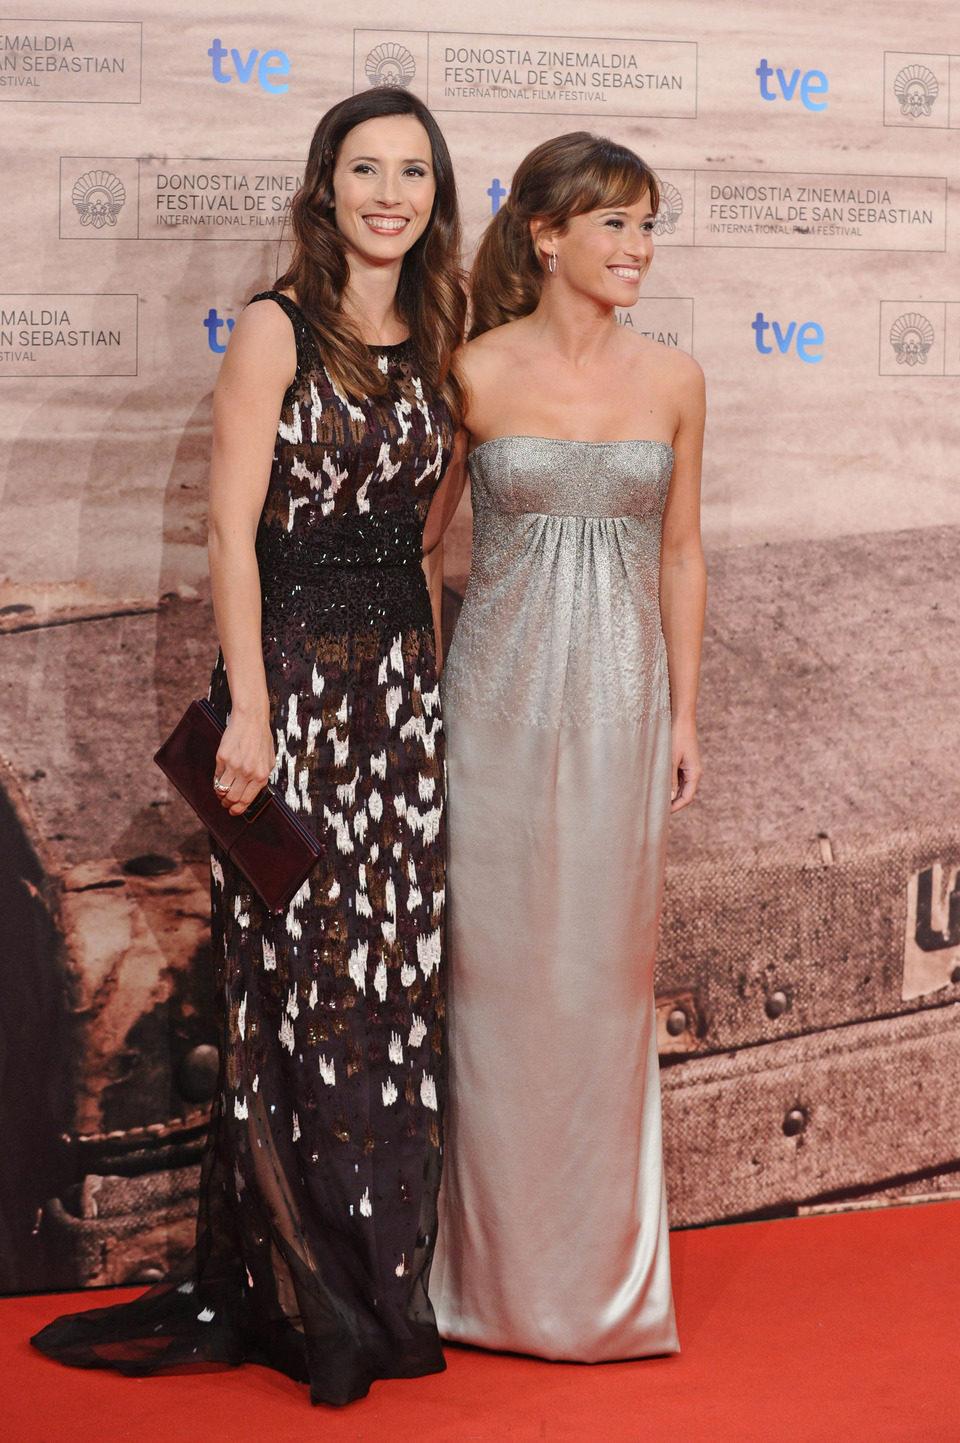 Bárbara Goenaga y Marta Etura posan en la entrada de la gala de clausura